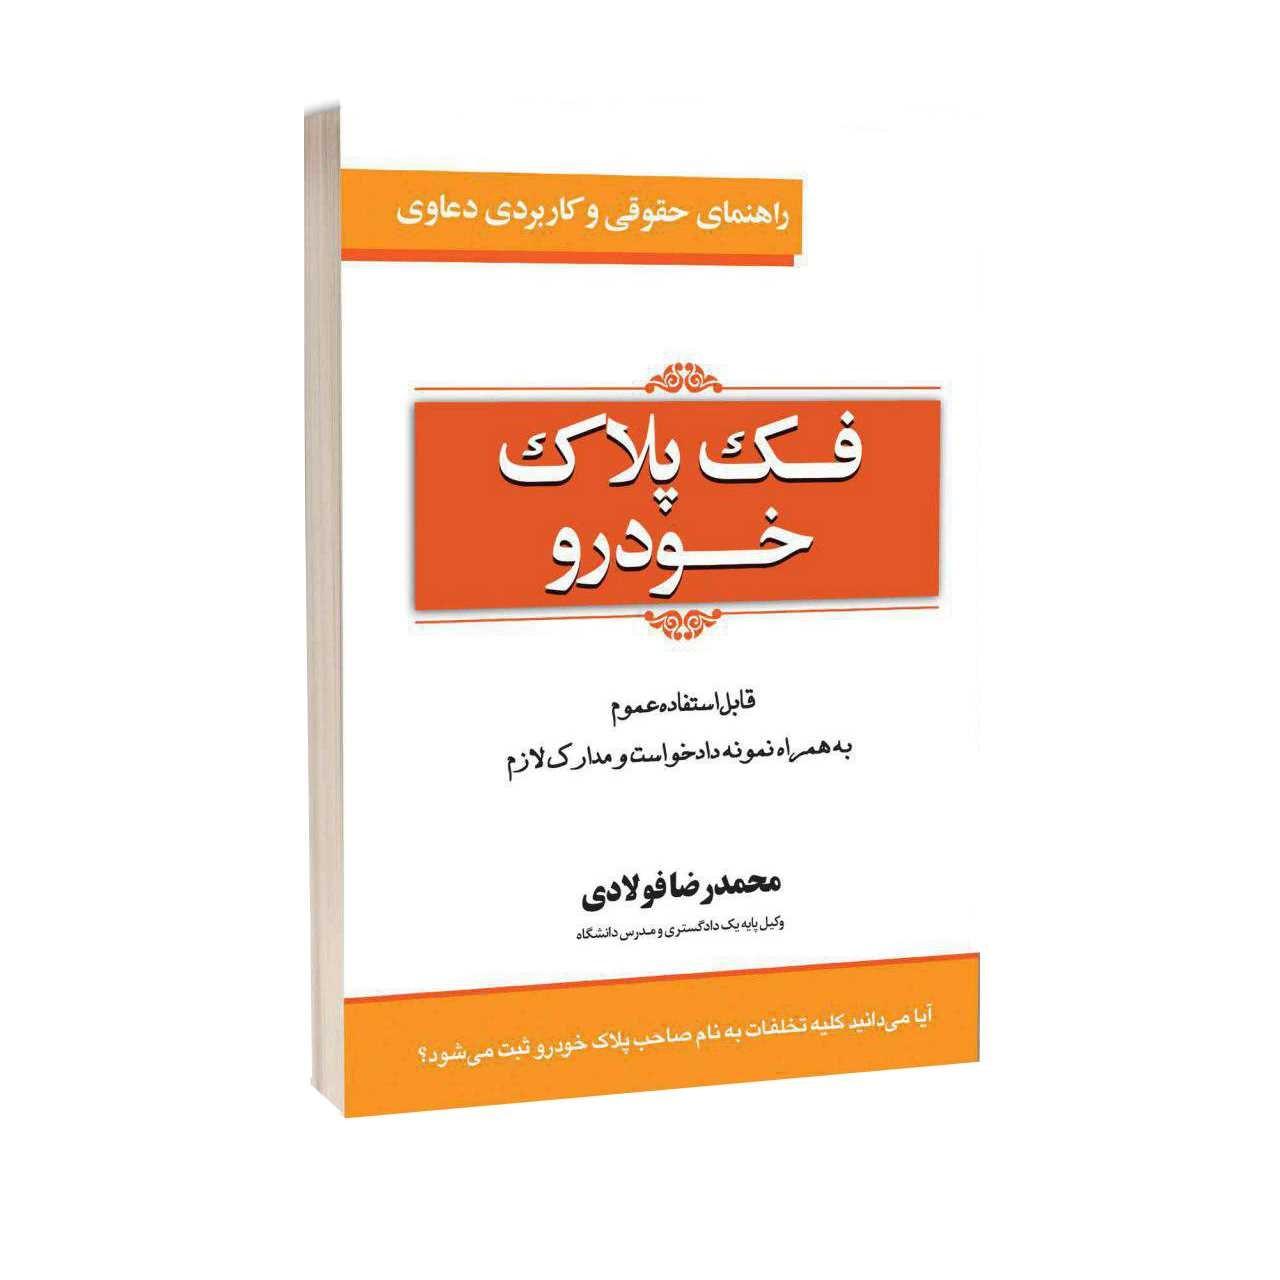 کتاب راهنمای حقوقی و کاربردی دعاوی فک پلاک خودرو اثر محمدرضا فولادی